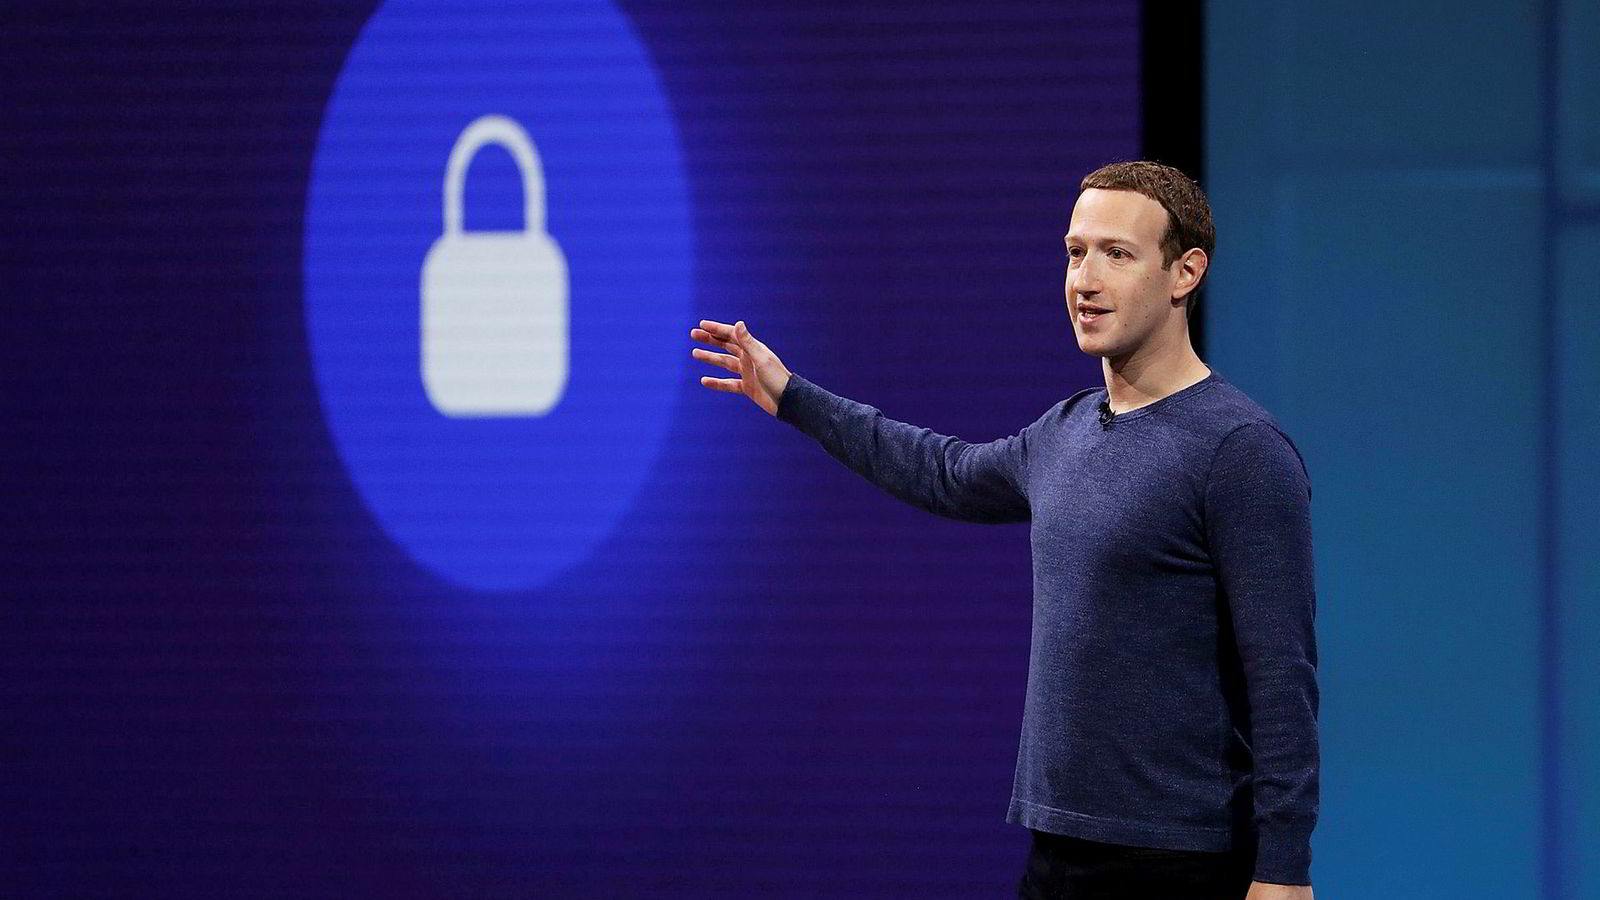 Facebook-sjef Mark Zuckerberg sa på selskapets utviklerkonferanse i april at han ønsket at det skulle bli like enkelt å sende penger som å sende et bilde. Nå lanserer han kryptovalutaen Libra.